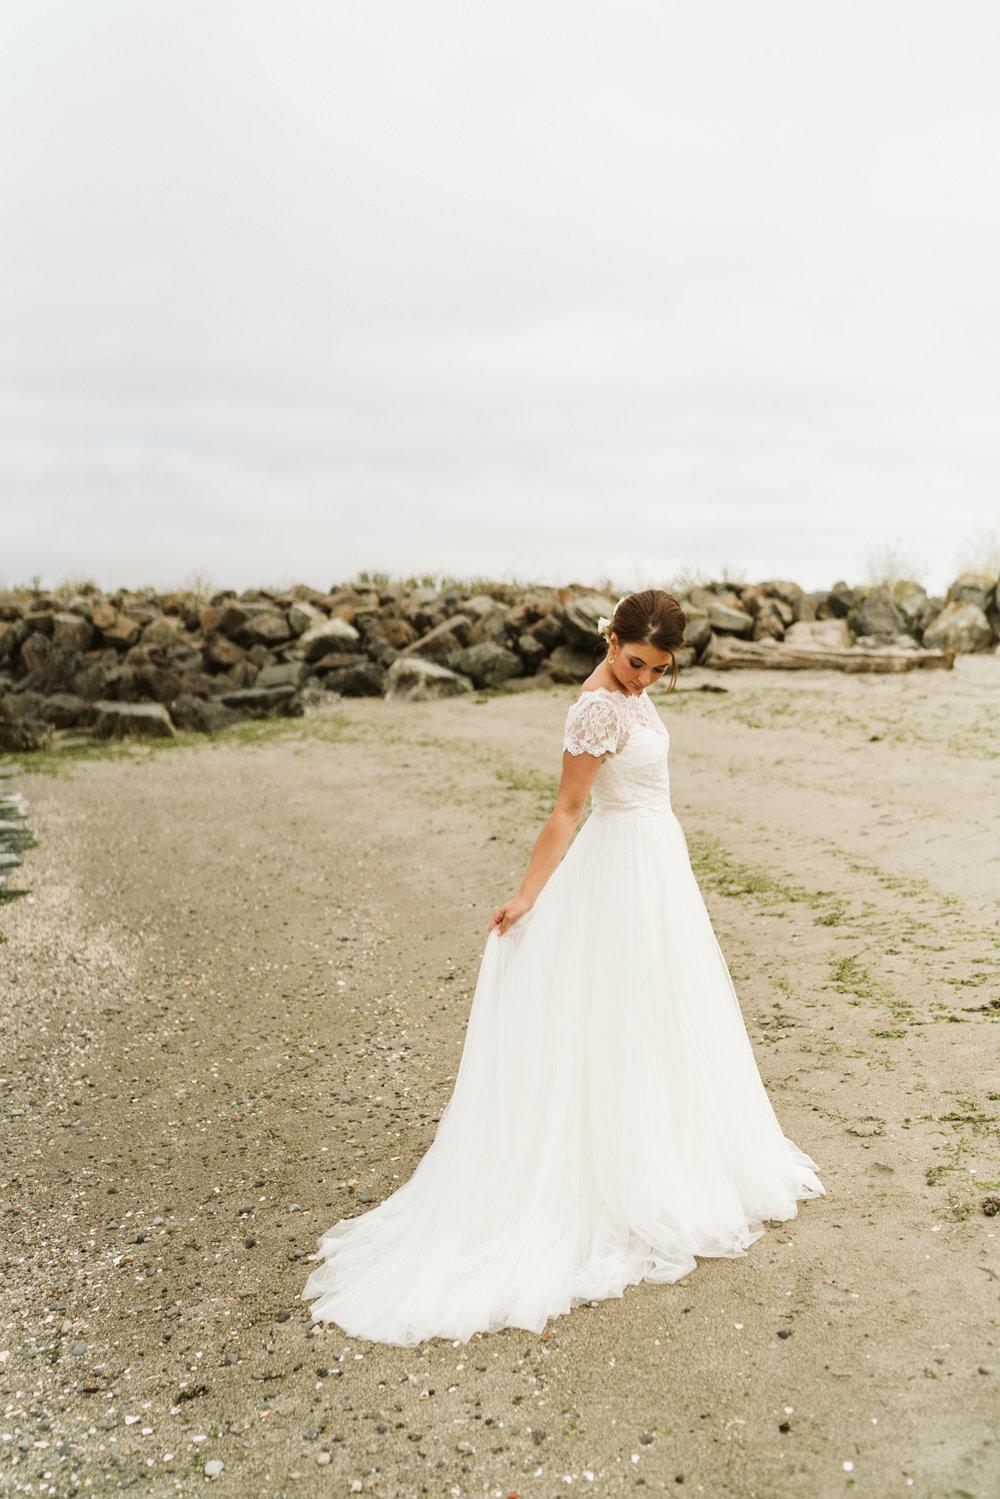 April Yentas Photography - nikita & colin slideshow-33.jpg